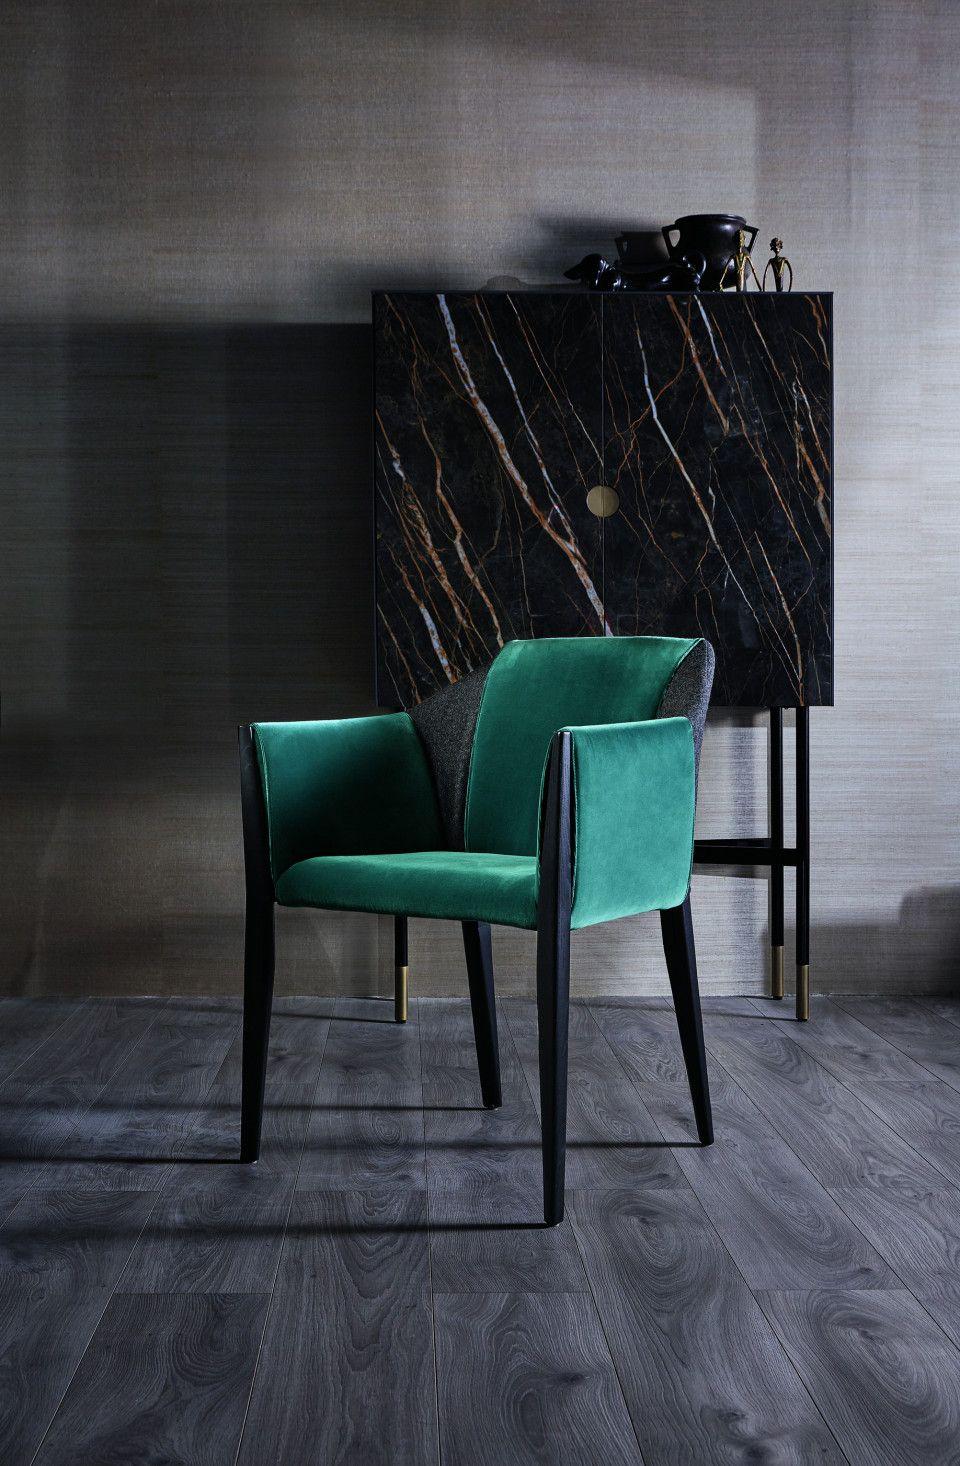 Pin By Mokuzai Furniture Modern Wood On Dining Set Dining Chairs Simple Dining Chairs Chair Design